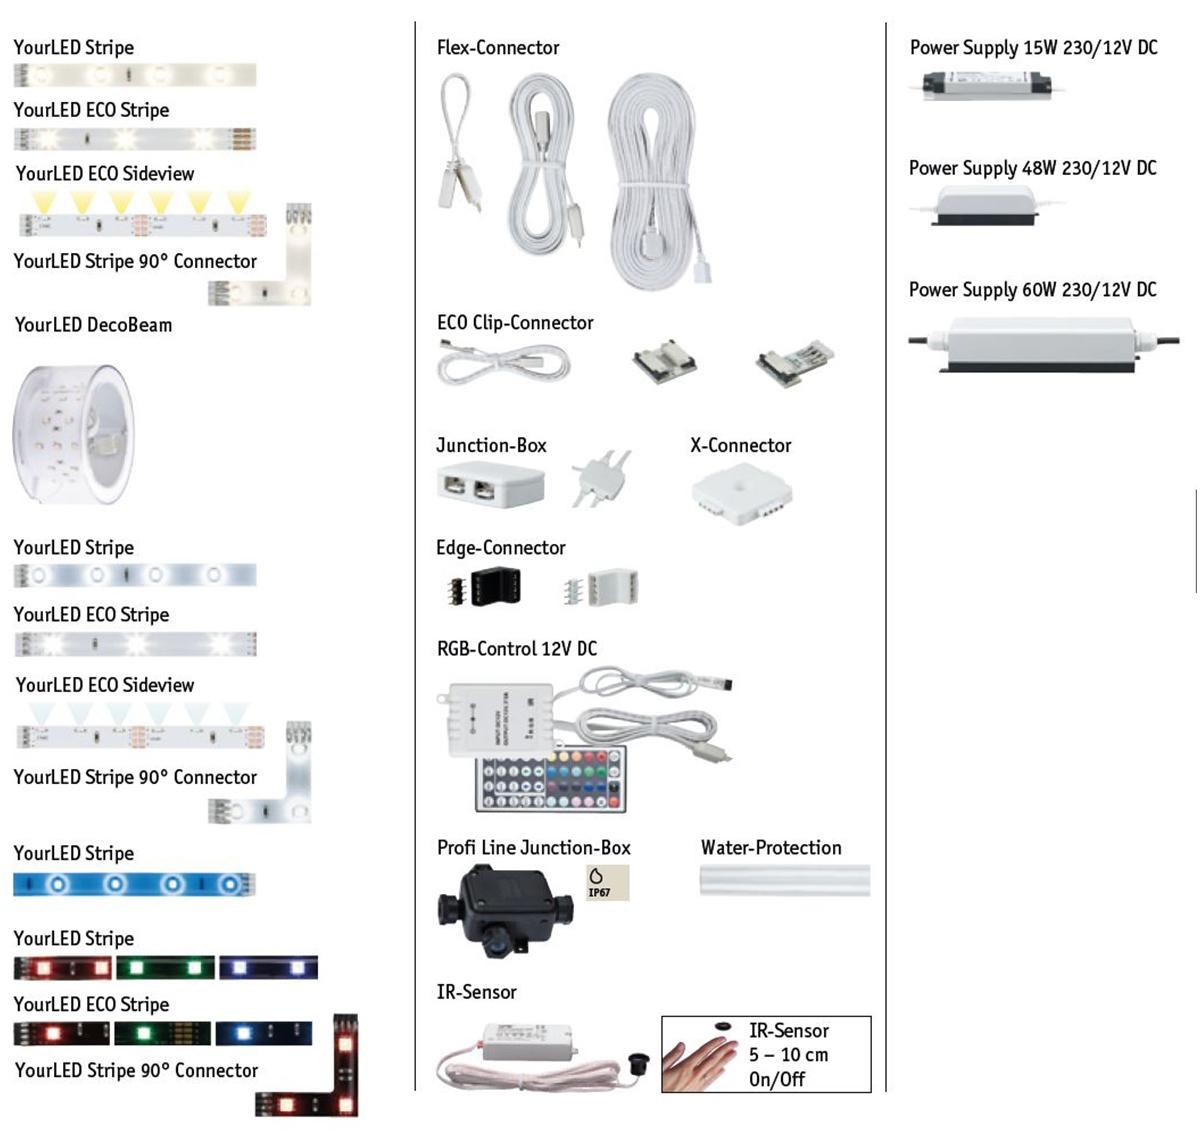 Übersicht der YourLED Komponenten